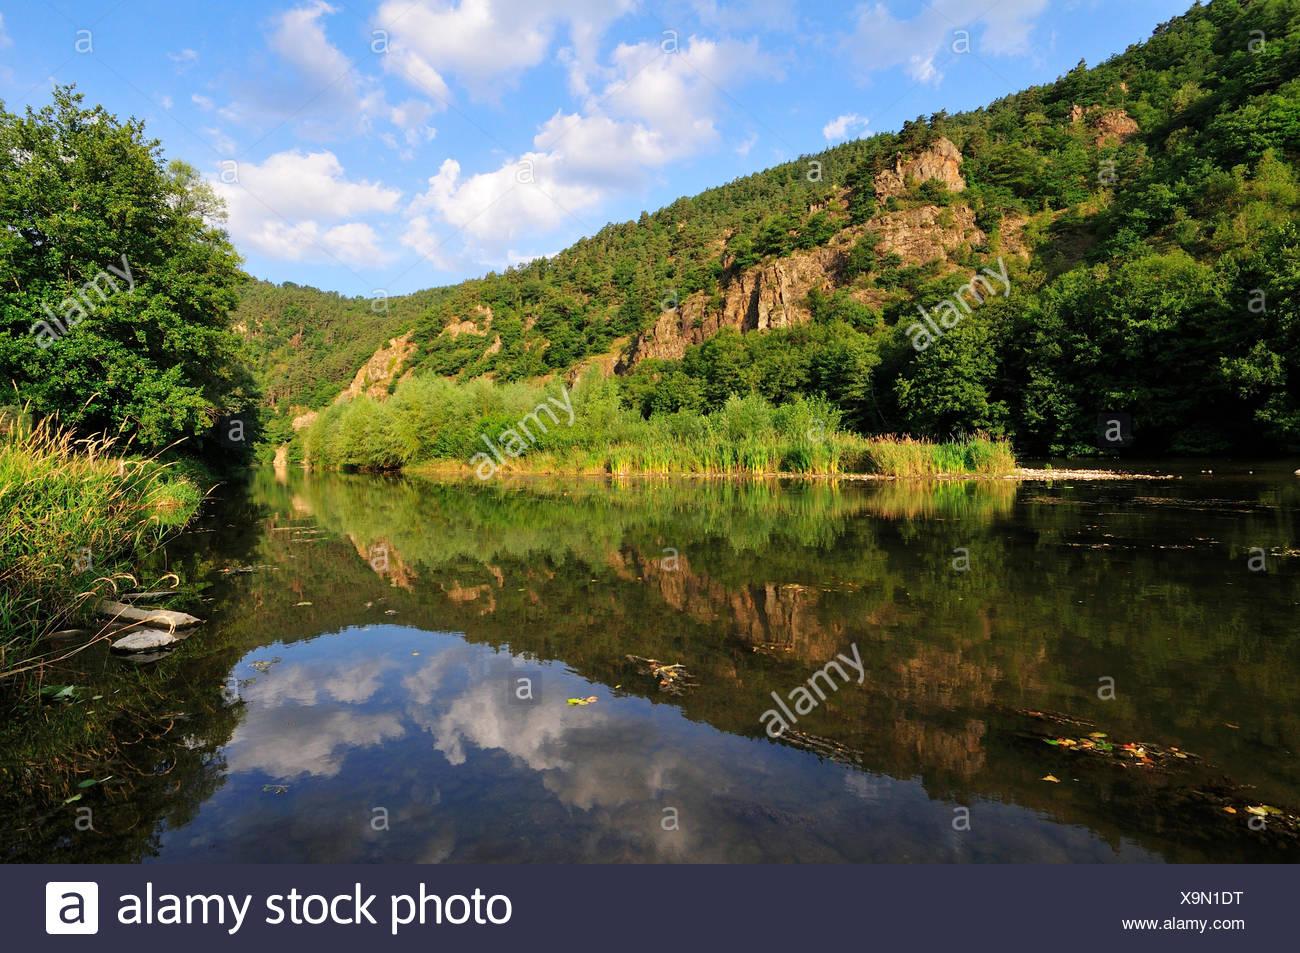 Reflections in the calm waters of the upper Loire River, Gorge de la Loire, Haute-Loire department, Auvergne, France Stock Photo